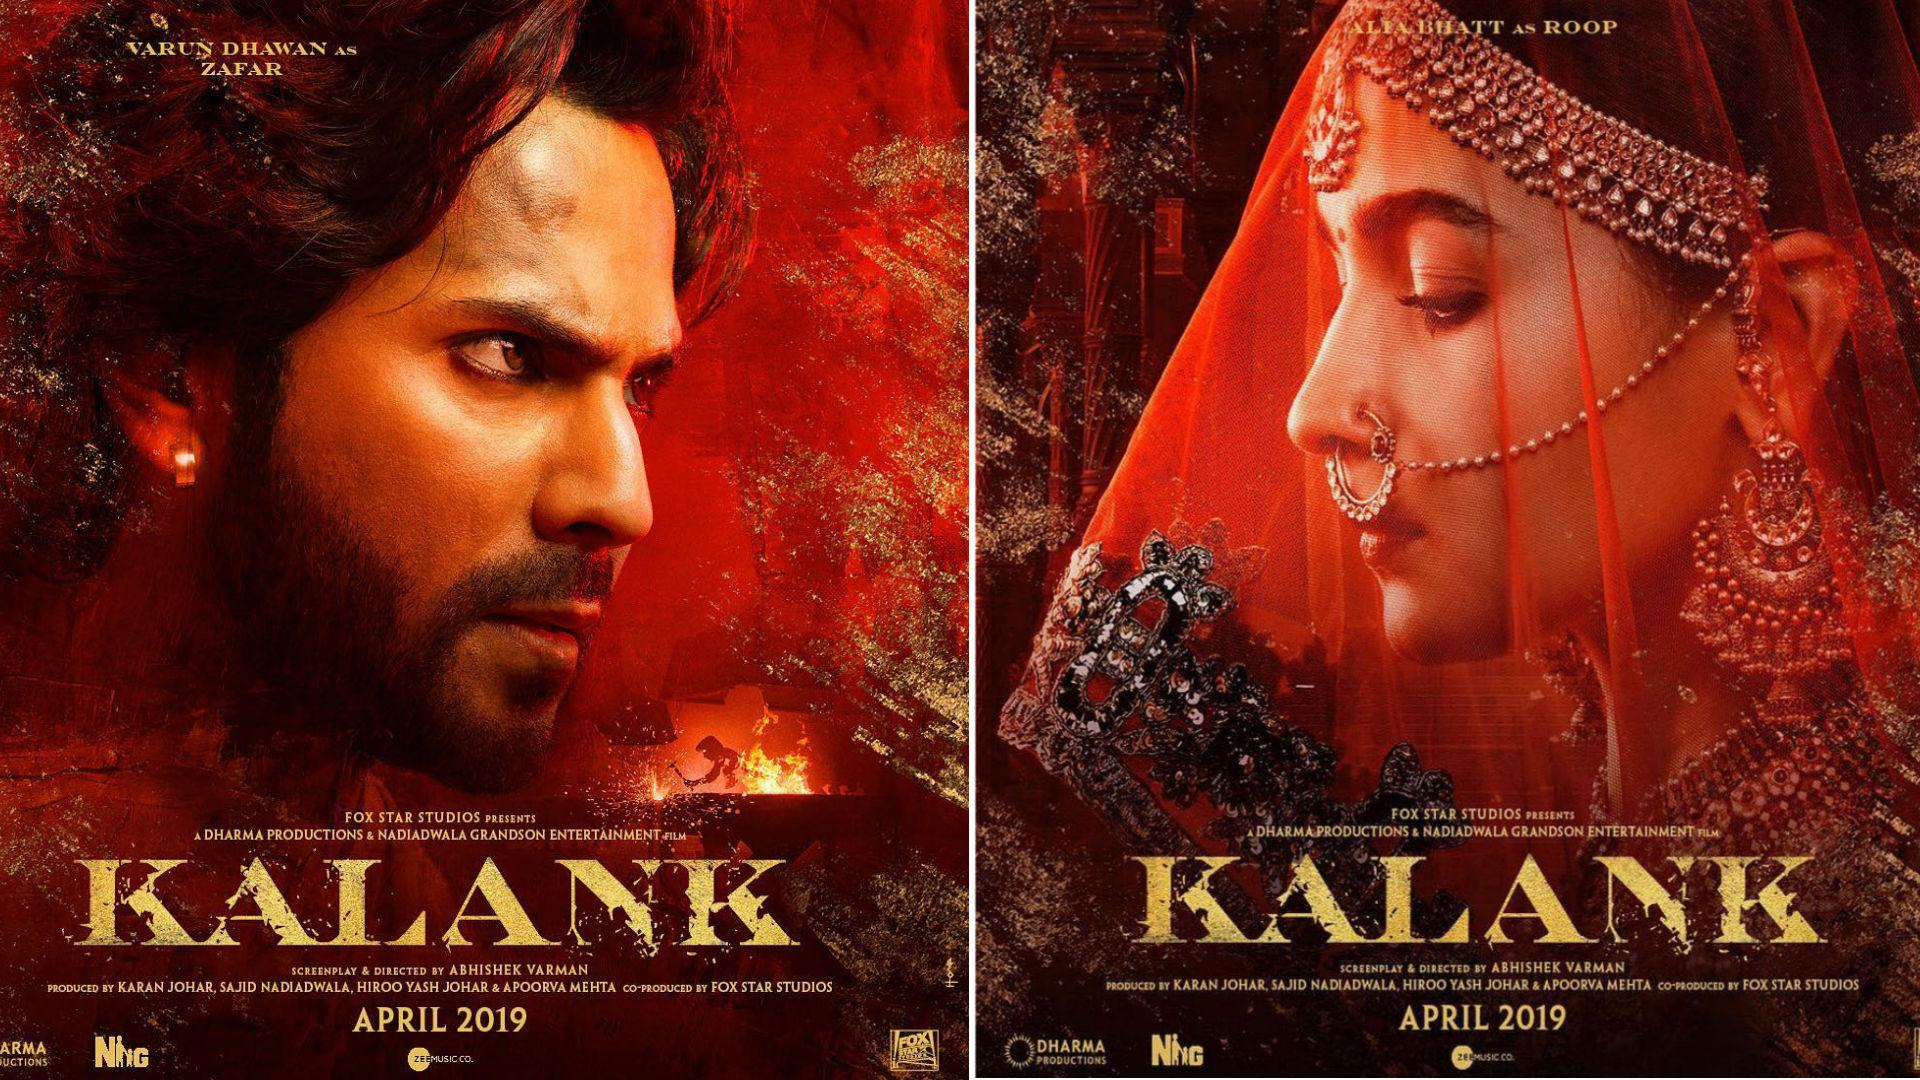 फिल्म कलंक का नया पोस्टर रिलीज, रूप के किरदार में घूंघट ओढ़े नजर आईं अभिनेत्री आलिया भट्ट